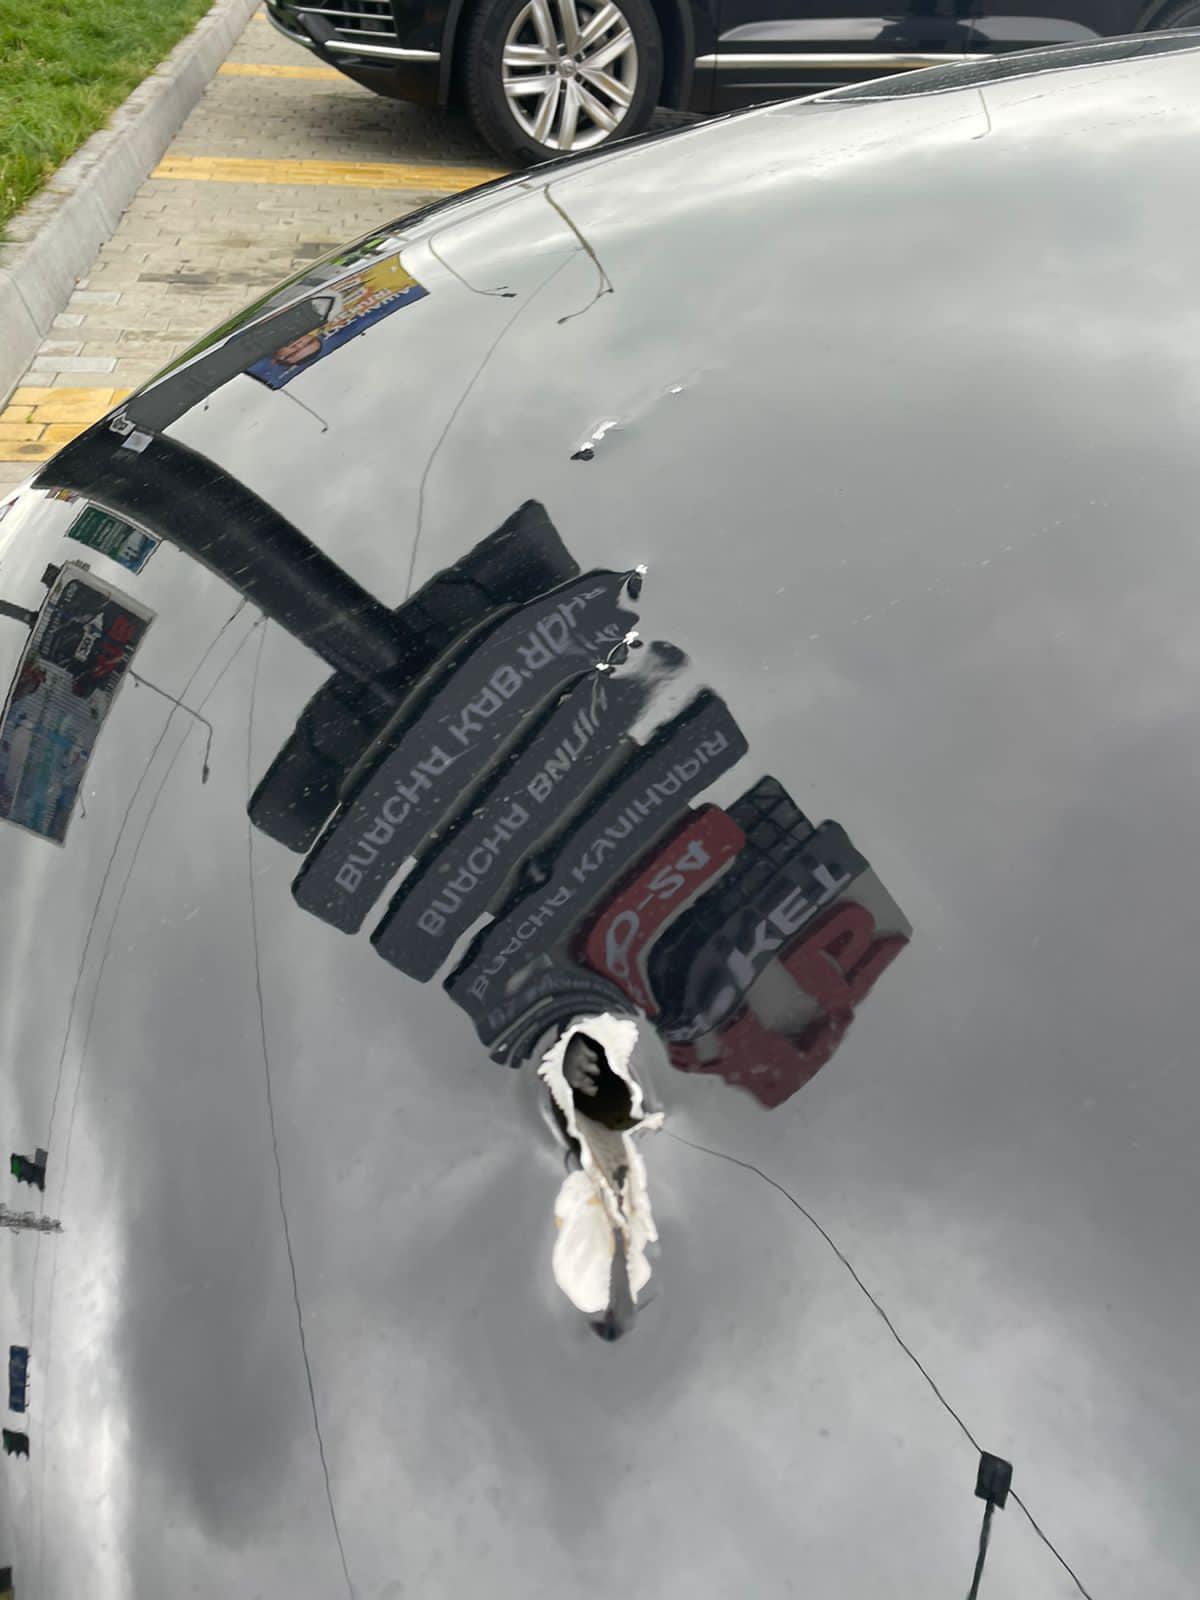 Выпустили 10 пуль, ранен водитель: подробности обстрела автомобиля Сергея Шефира 6